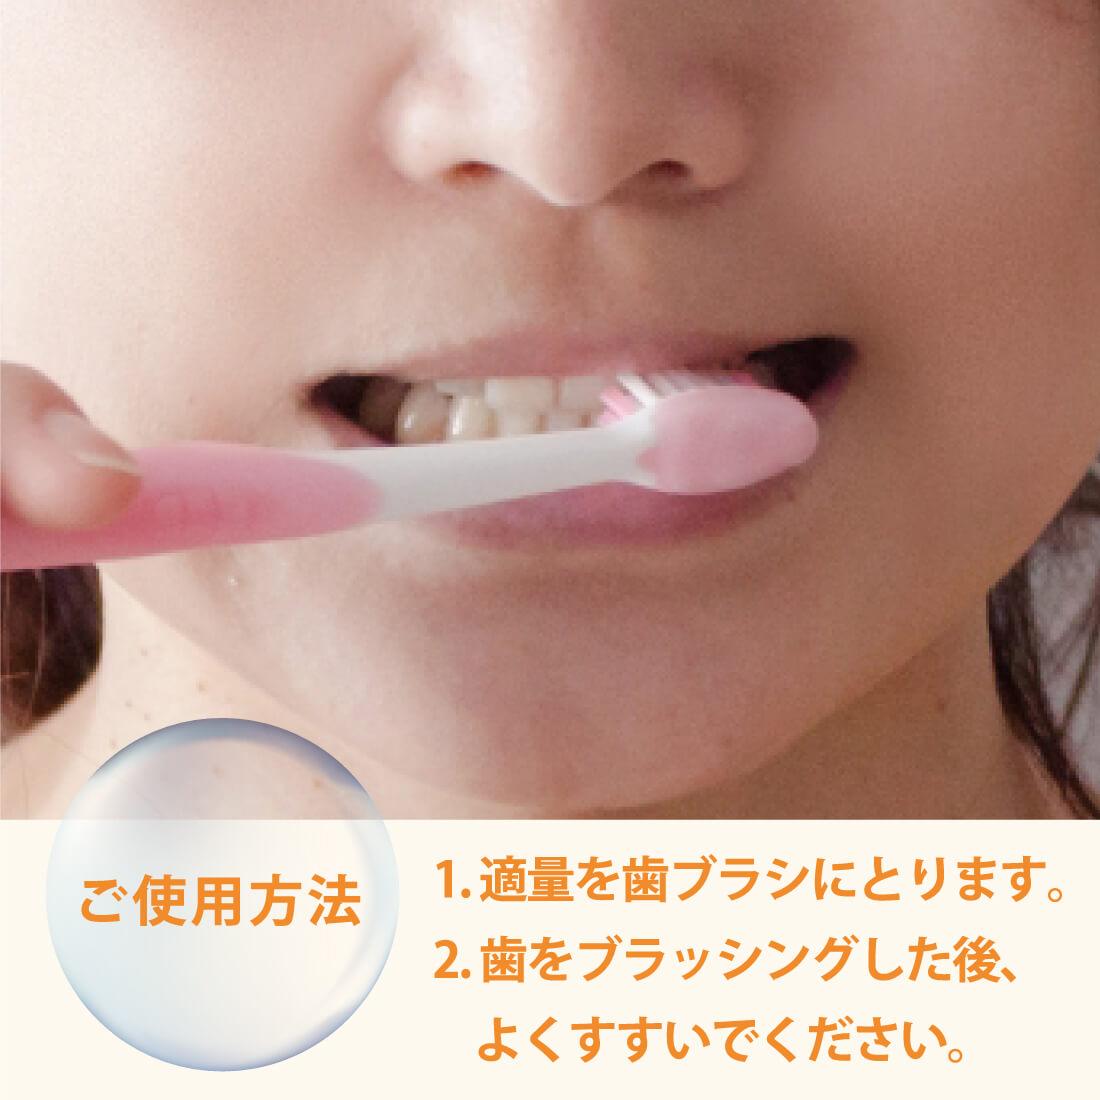 【ご使用方法】1. 適量を歯ブラシにとります 2. 歯をブラッシングした後、よ くすすいでください。